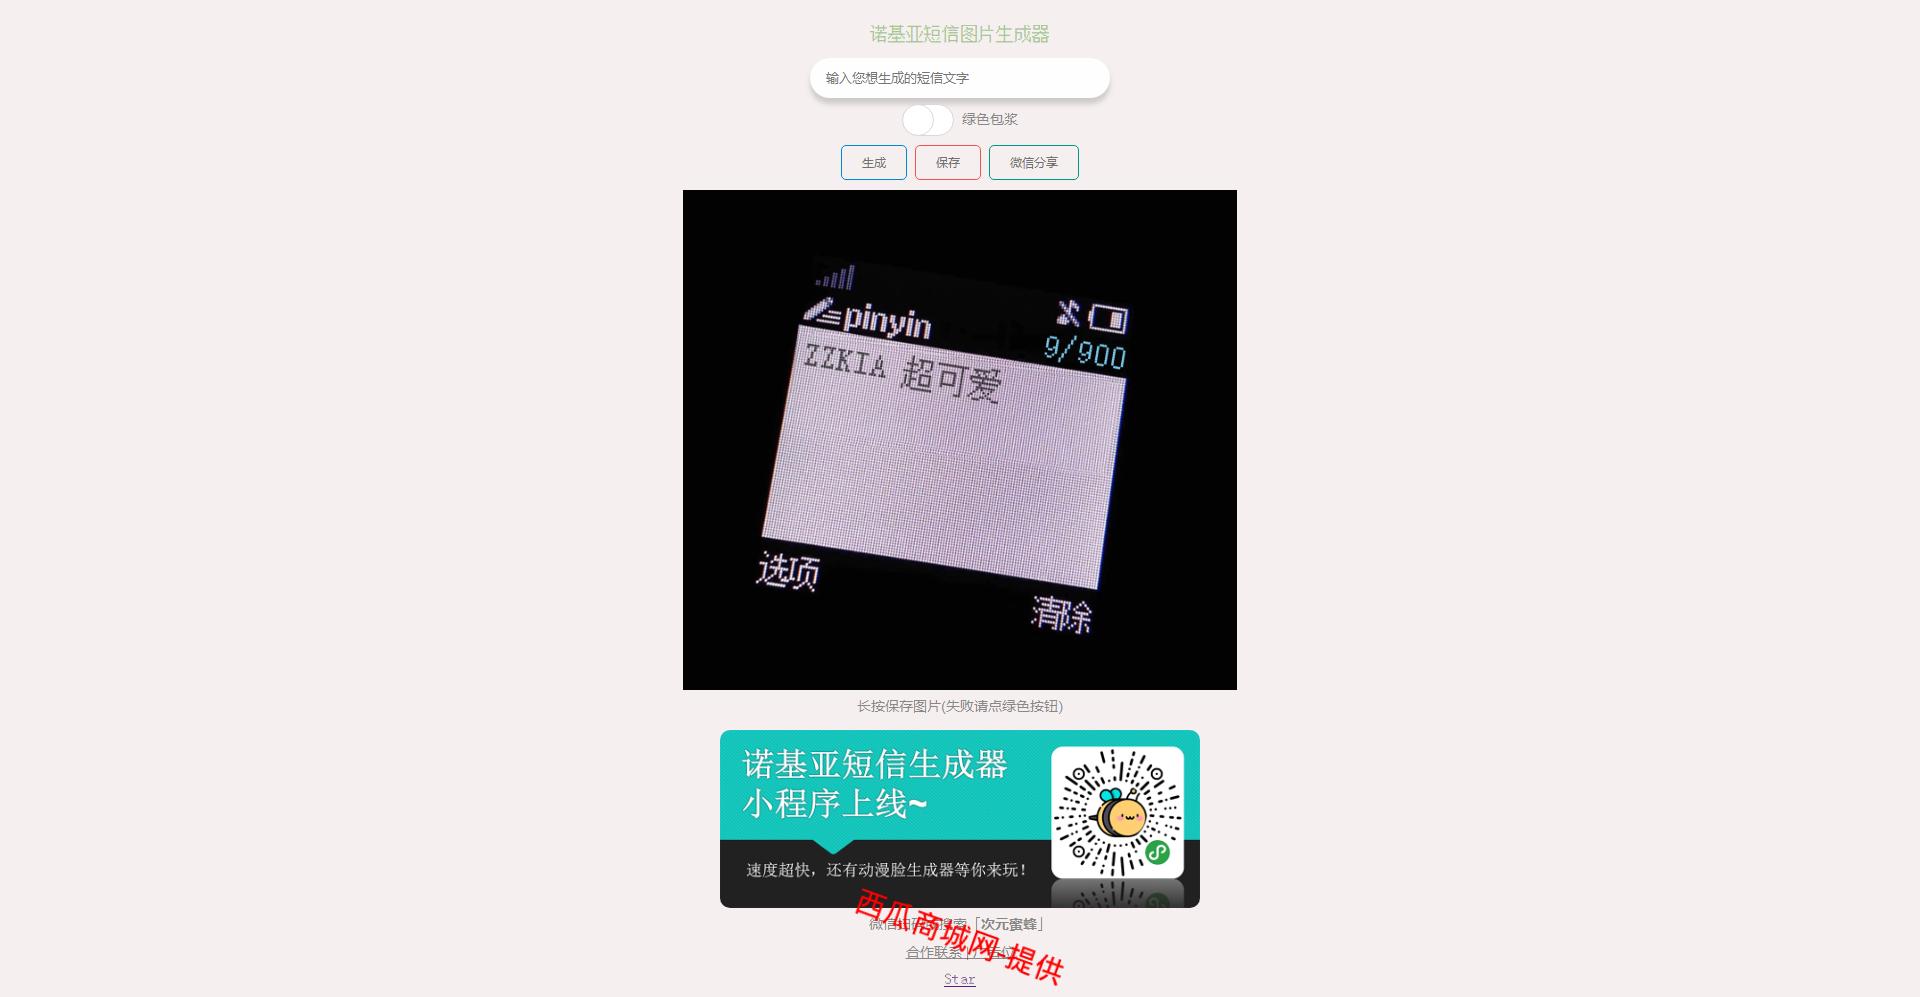 ZZKIA_ 诺基亚短信图片生成器.png 飞鹰资源网-在线生成诺基亚短信网源码  第1张